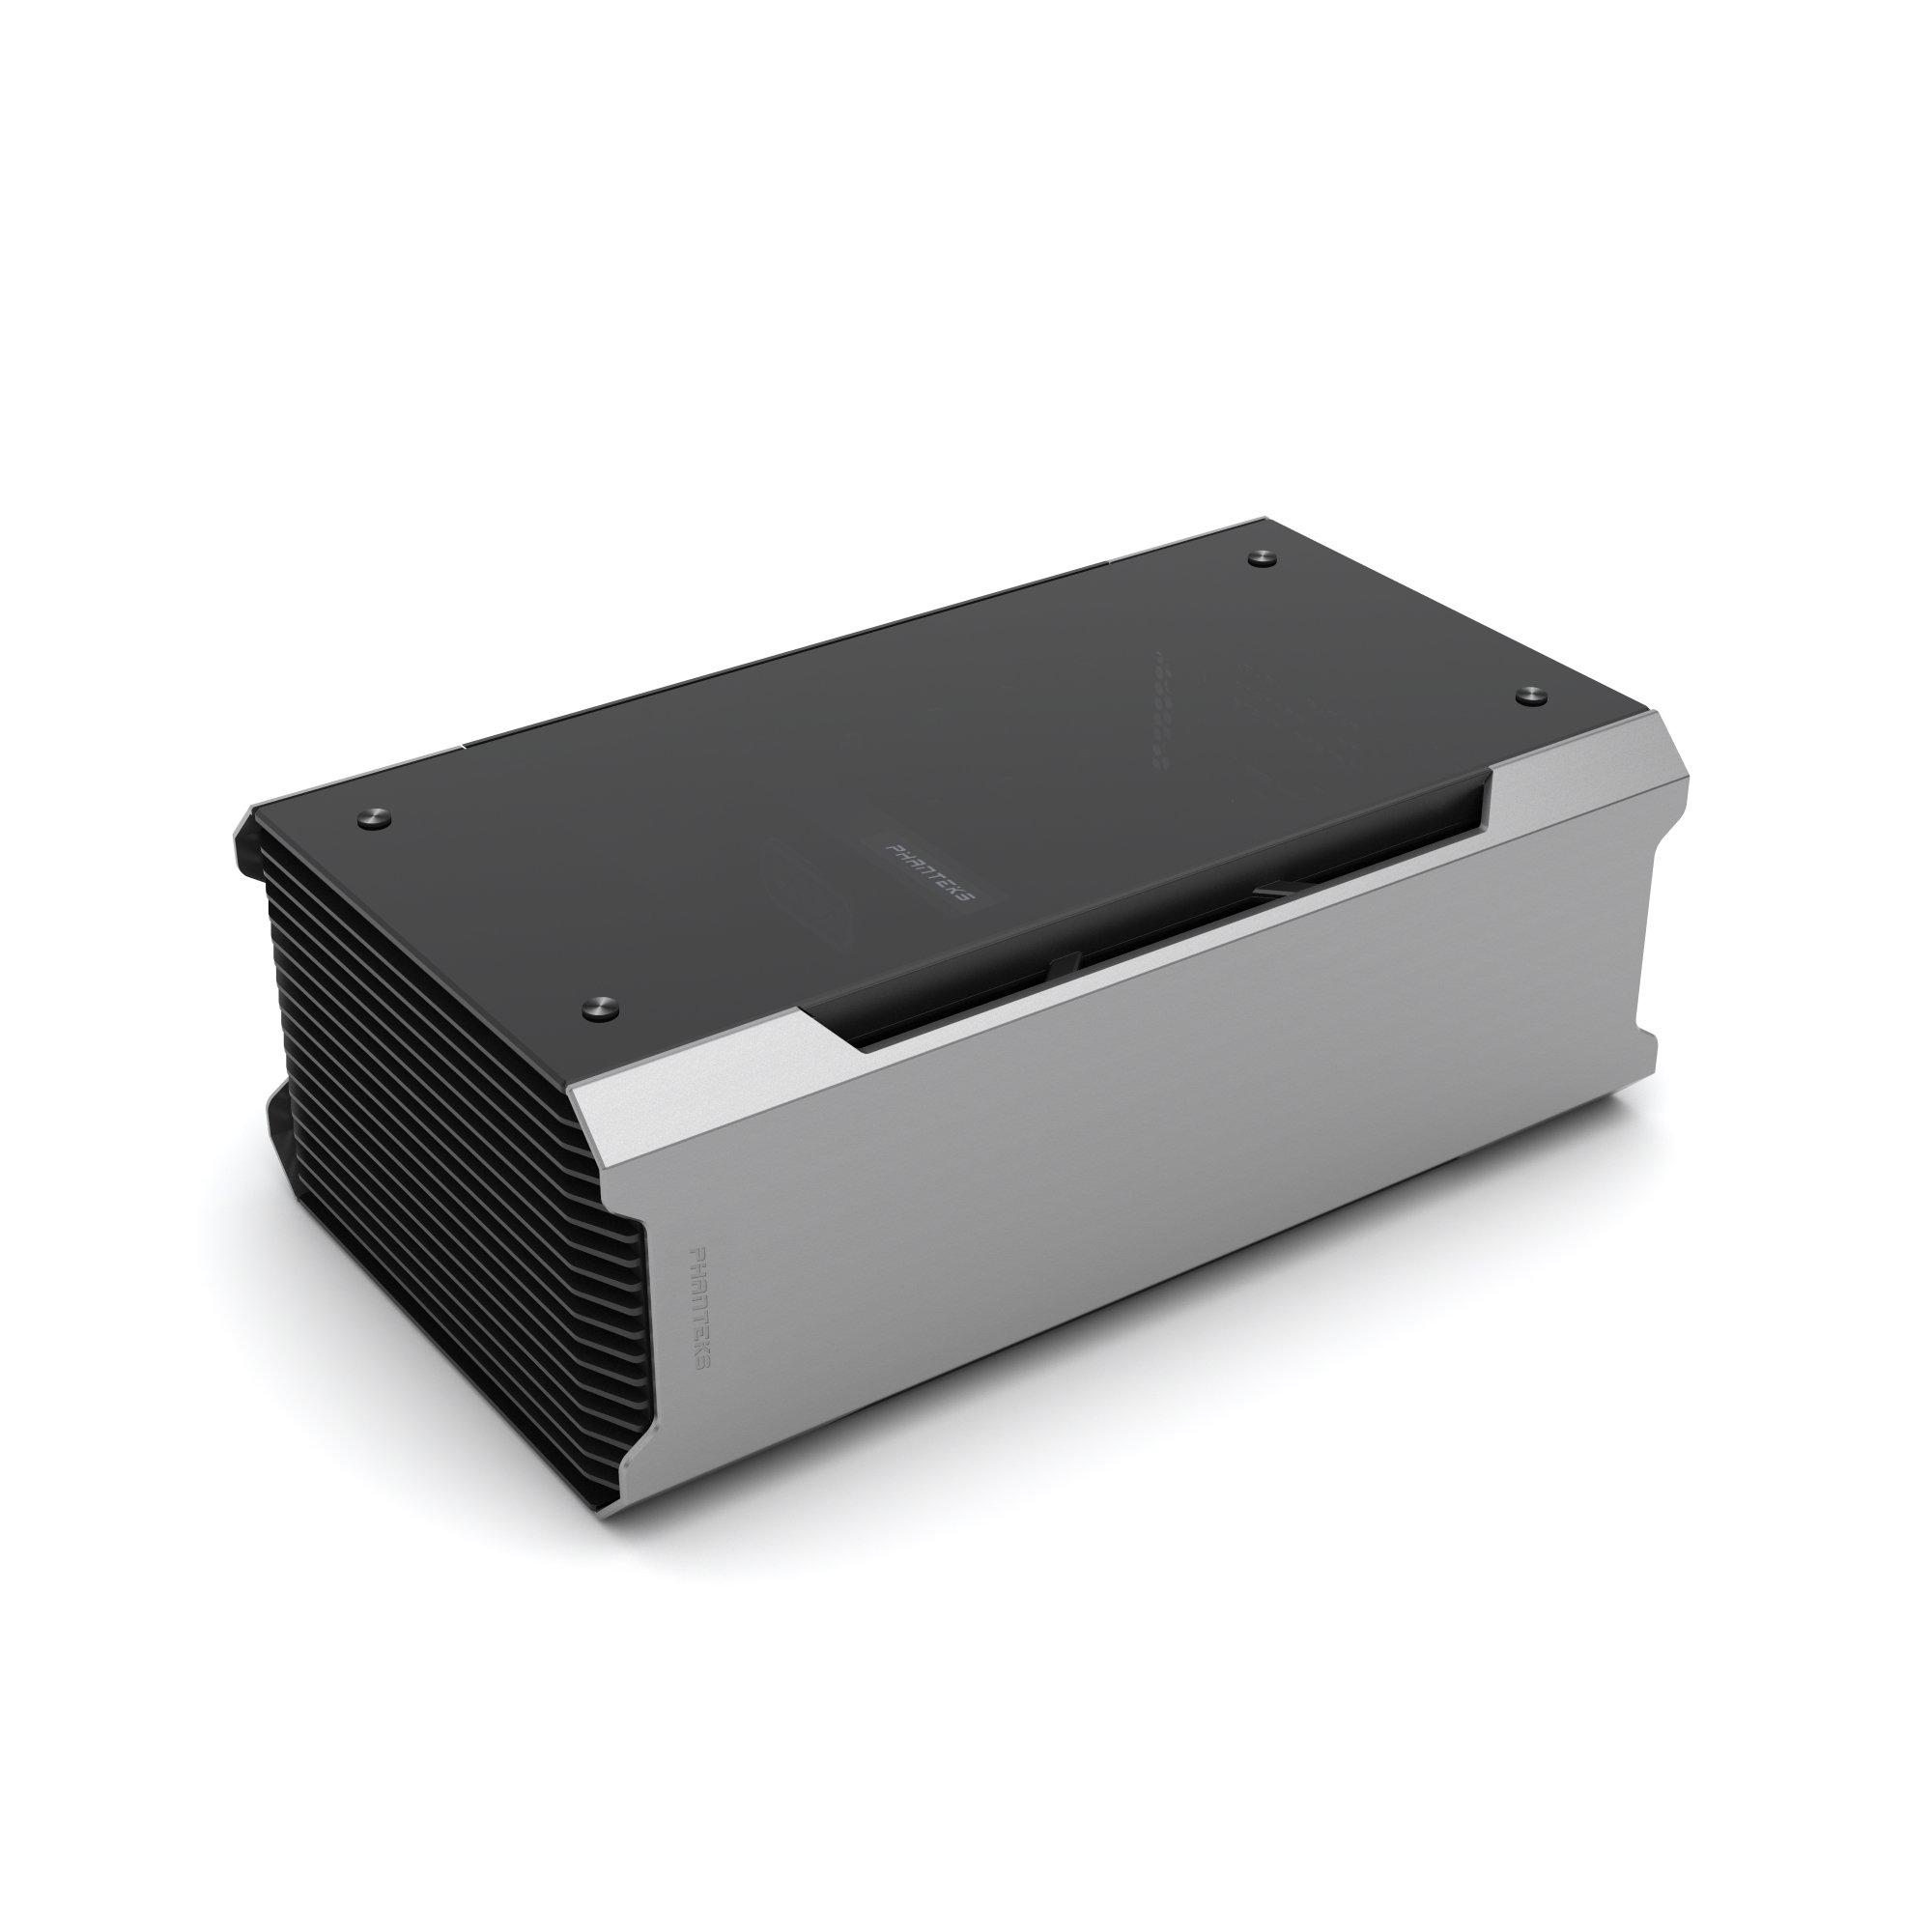 Phanteks Enthoo Evolv Shift Small Form Factor (SFF) Gris Carcasa de Ordenador - Caja de Ordenador (Small Form Factor (SFF), PC, Aluminio, Vidrio Templado, Mini-ITX, Gris, 8,2 cm): Amazon.es: Informática